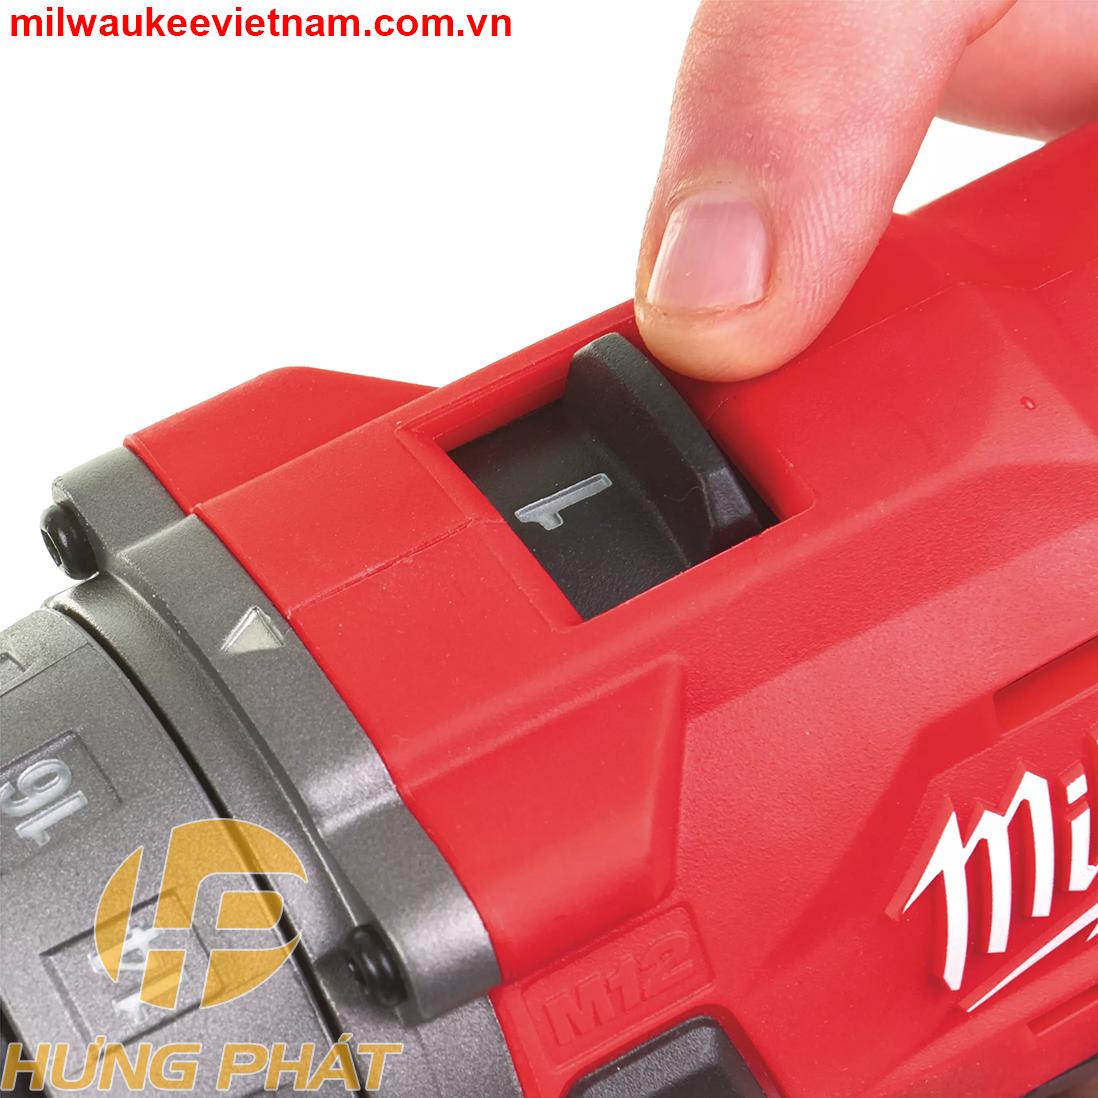 Milwaukee M12 FPD cho phép người dùng chuyển đổi giữa 2 chế độ có tốc độ không tải, tốc độ đập khác nhau.